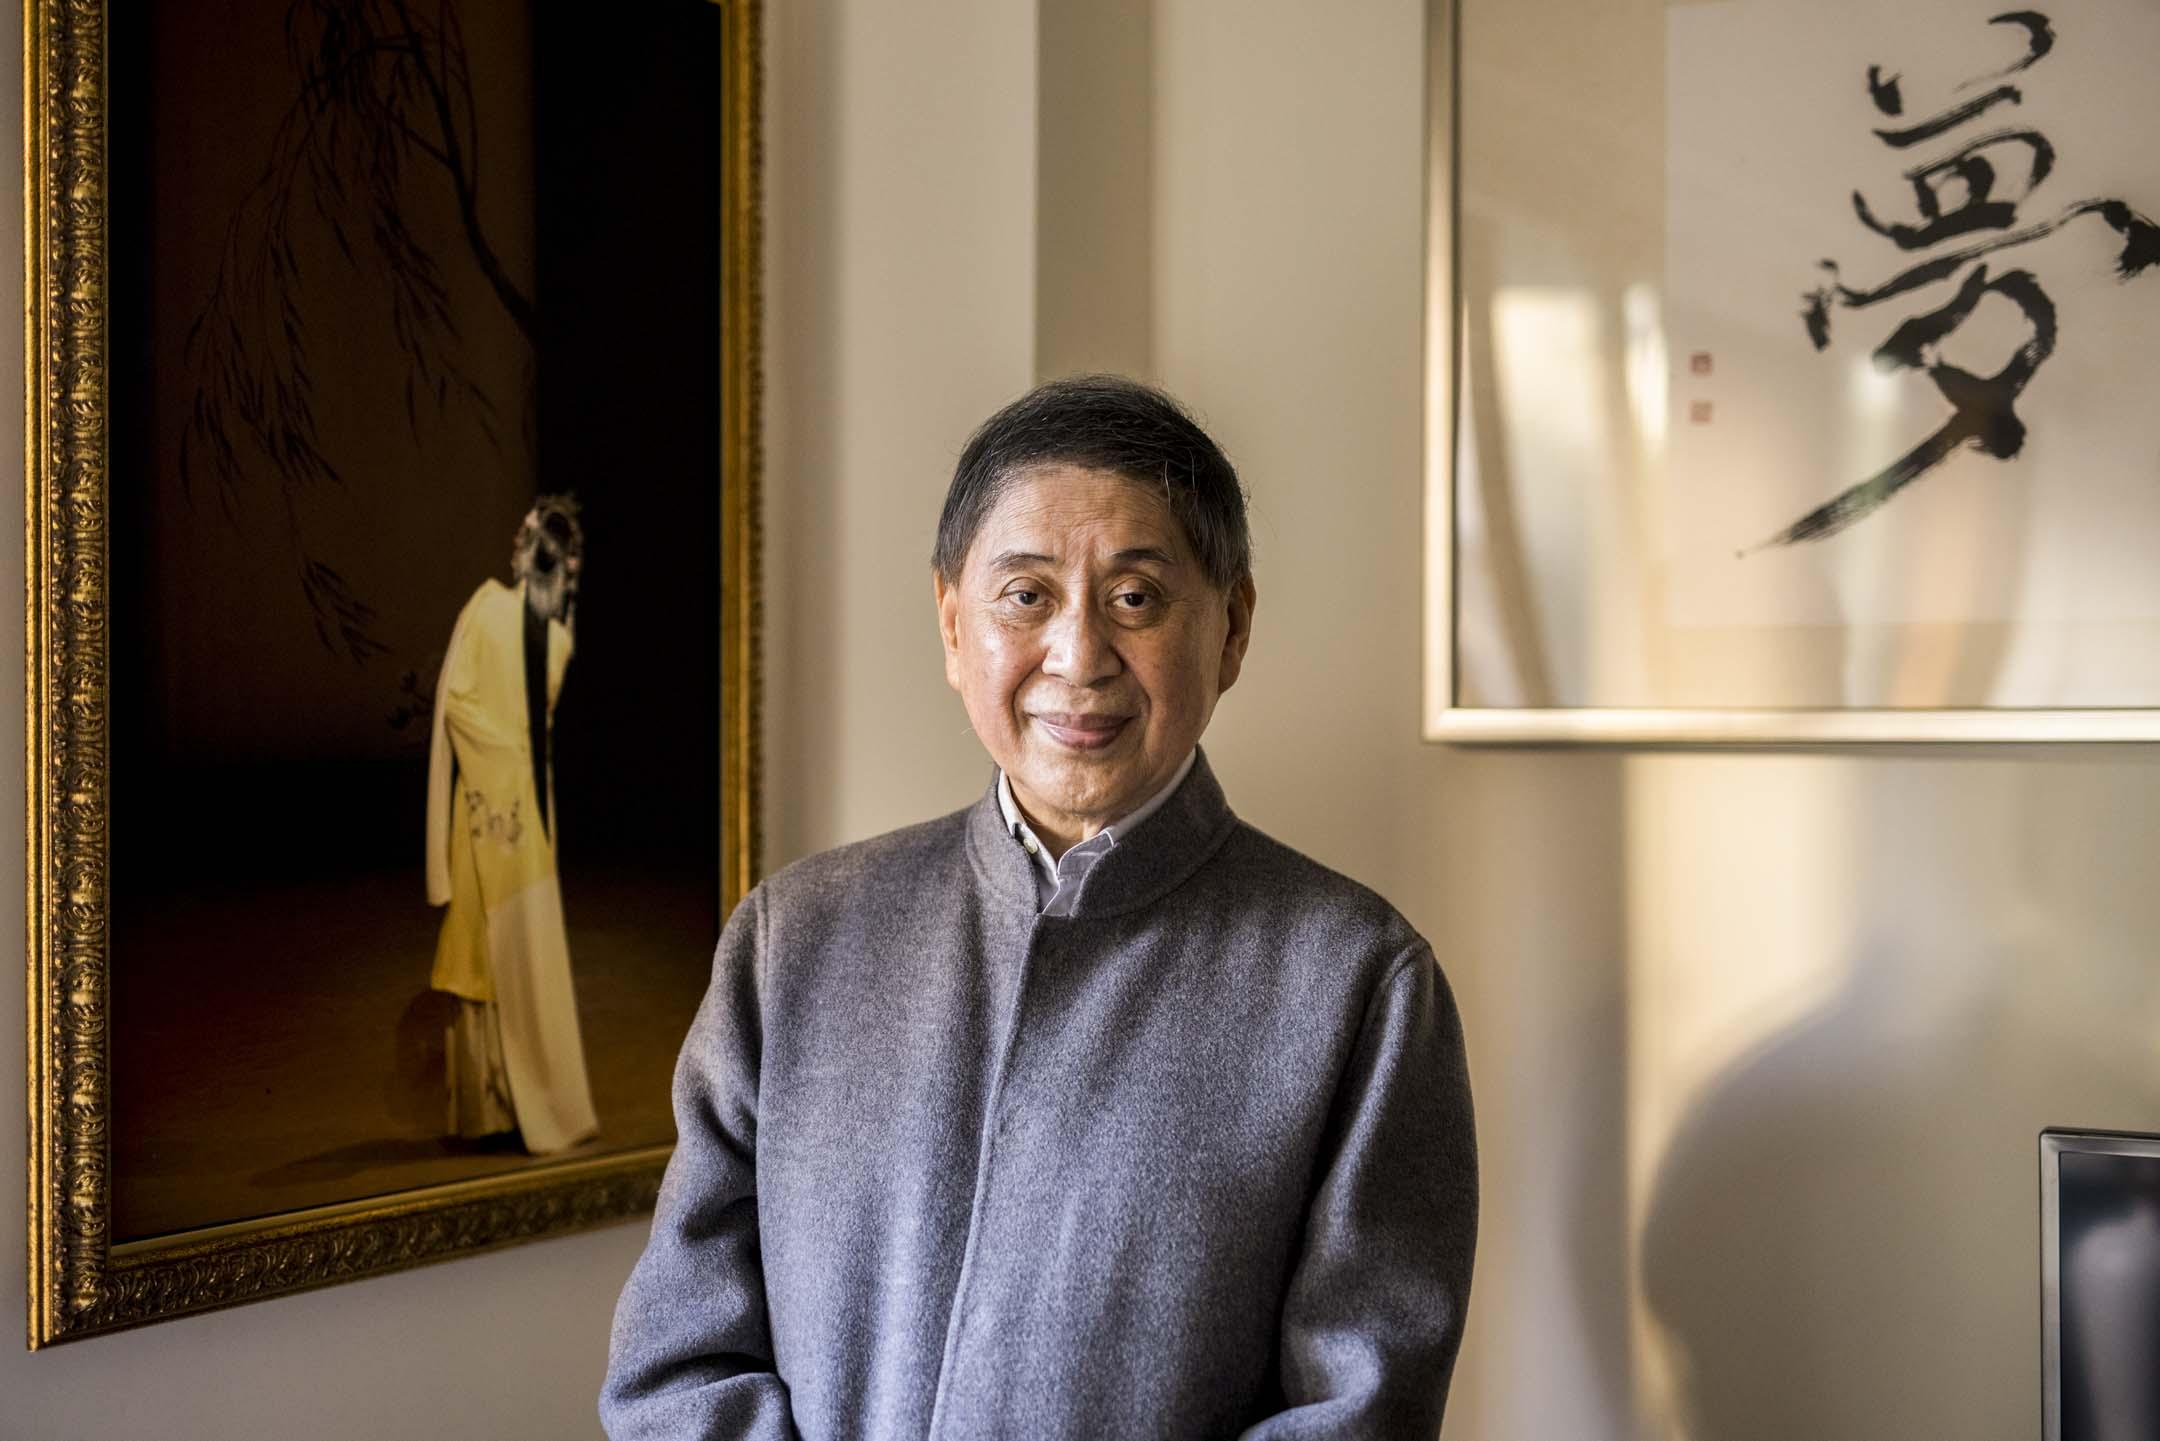 由白先勇當製作人的《牡丹亭》自2004年首場在台北國家戲劇院首演,至今已巡迴世界公演近四百場。與此同時,白先勇更四處演講、授課、受訪推廣崑曲之美,自許為「崑曲佈道家」。 攝:張國耀/端傳媒